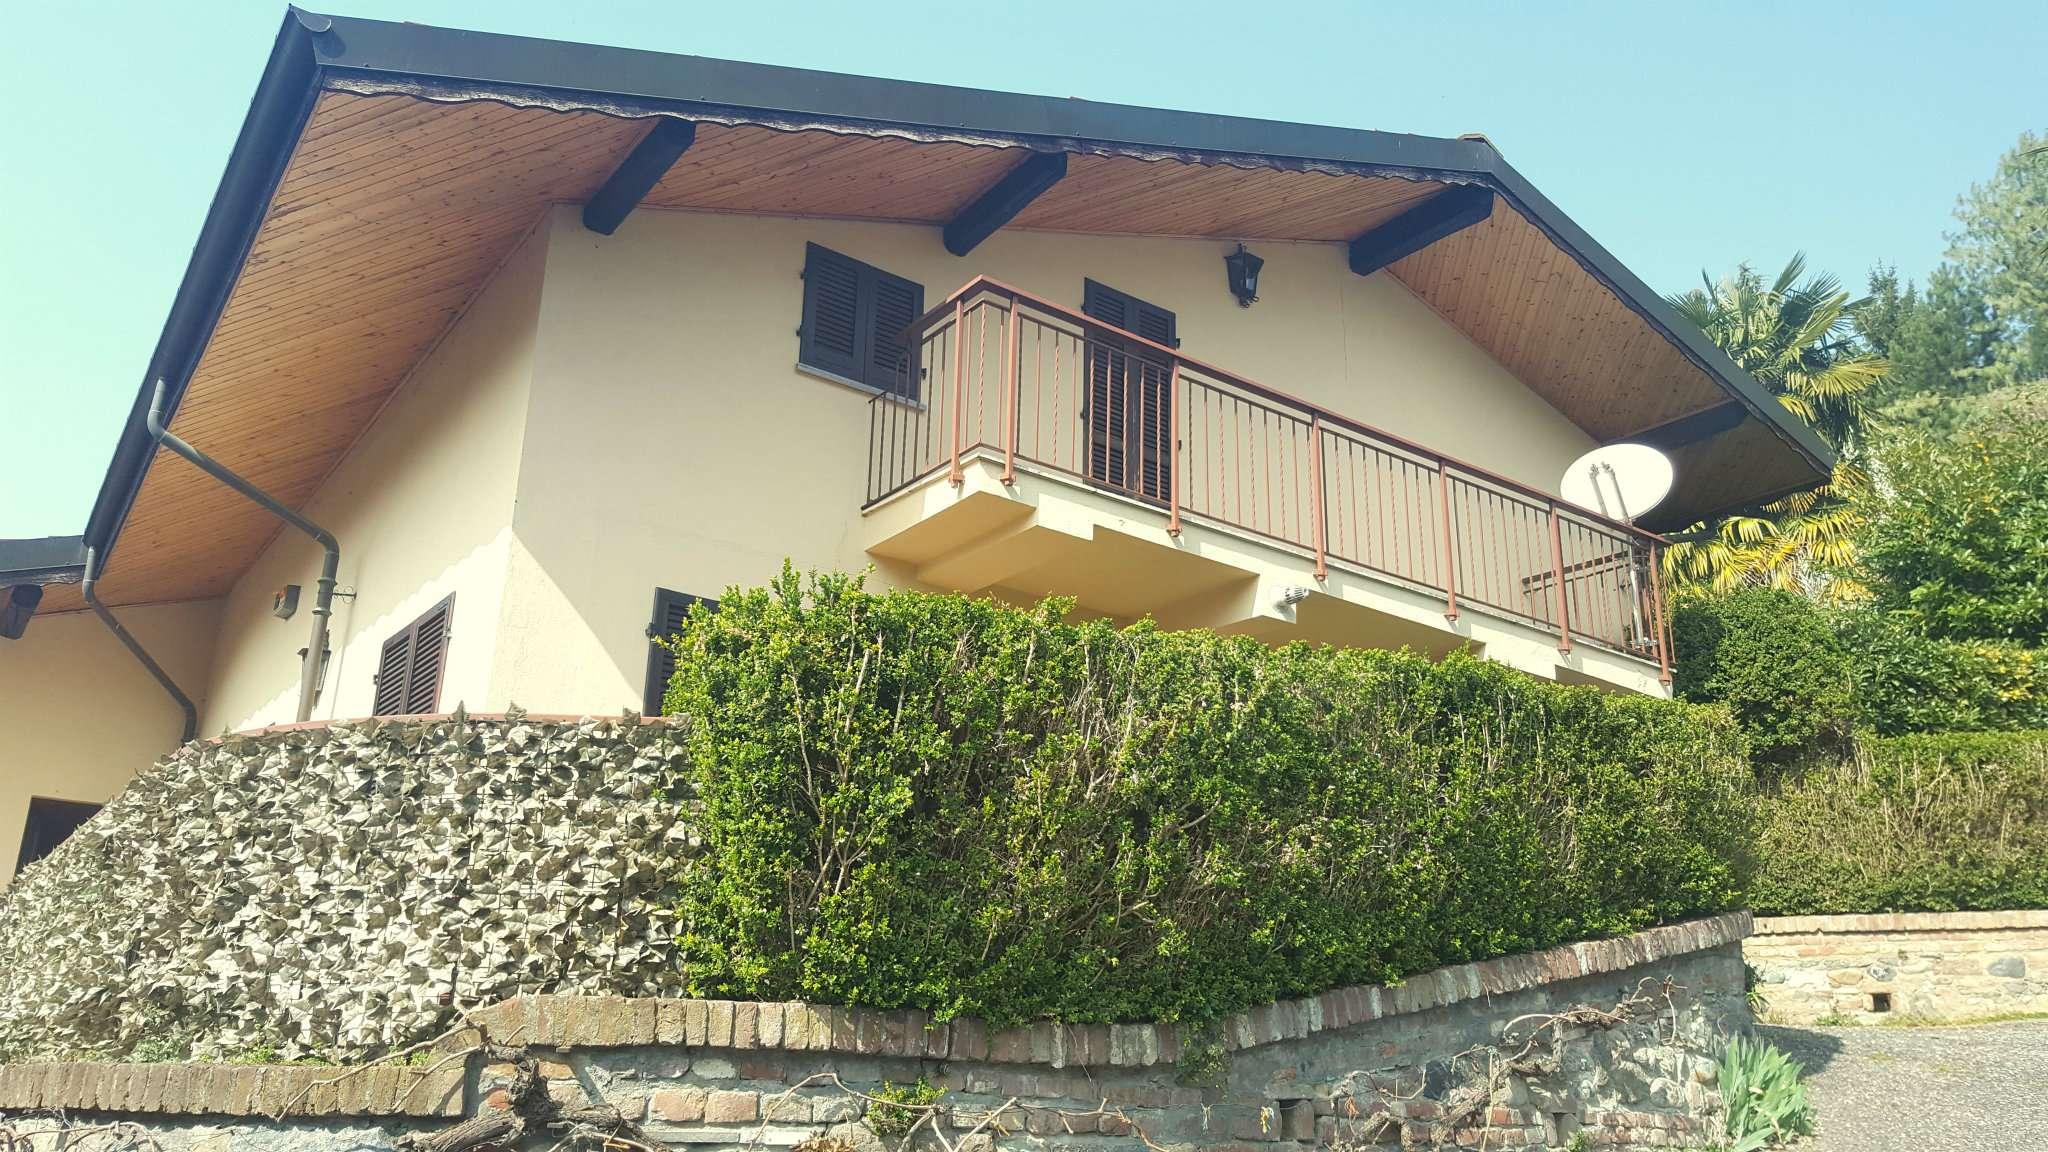 Villa in affitto a Torino, 6 locali, zona Zona: 5 . Collina, Precollina, Crimea, Borgo Po, Granmadre, Madonna del Pilone, prezzo € 1.300 | CambioCasa.it